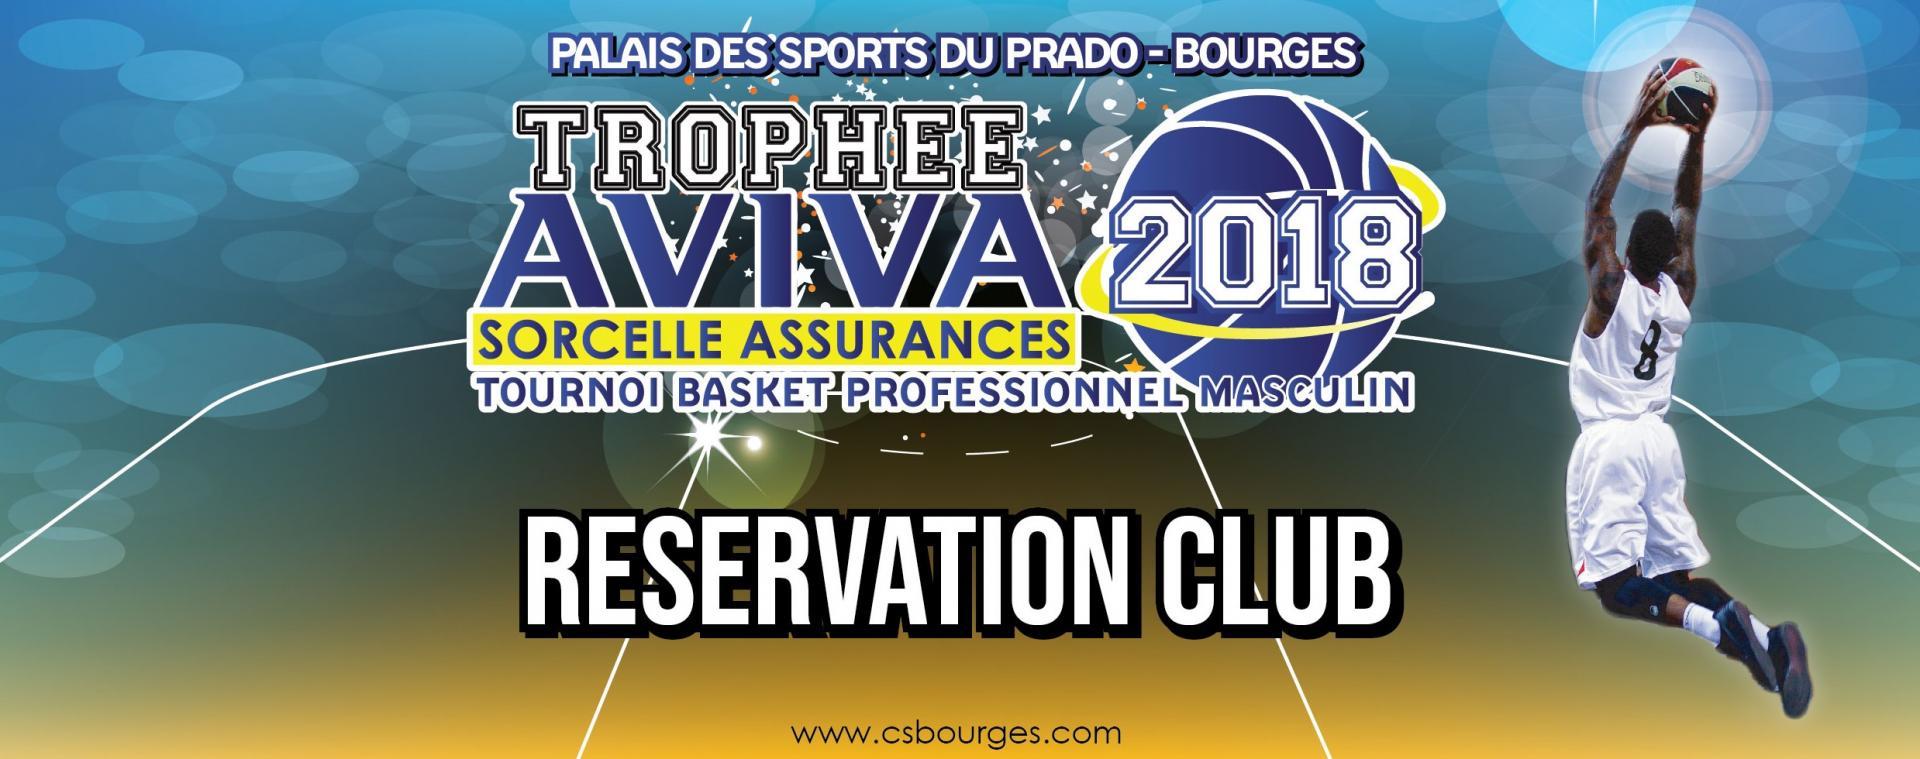 Réservation 2018 pour Club Association